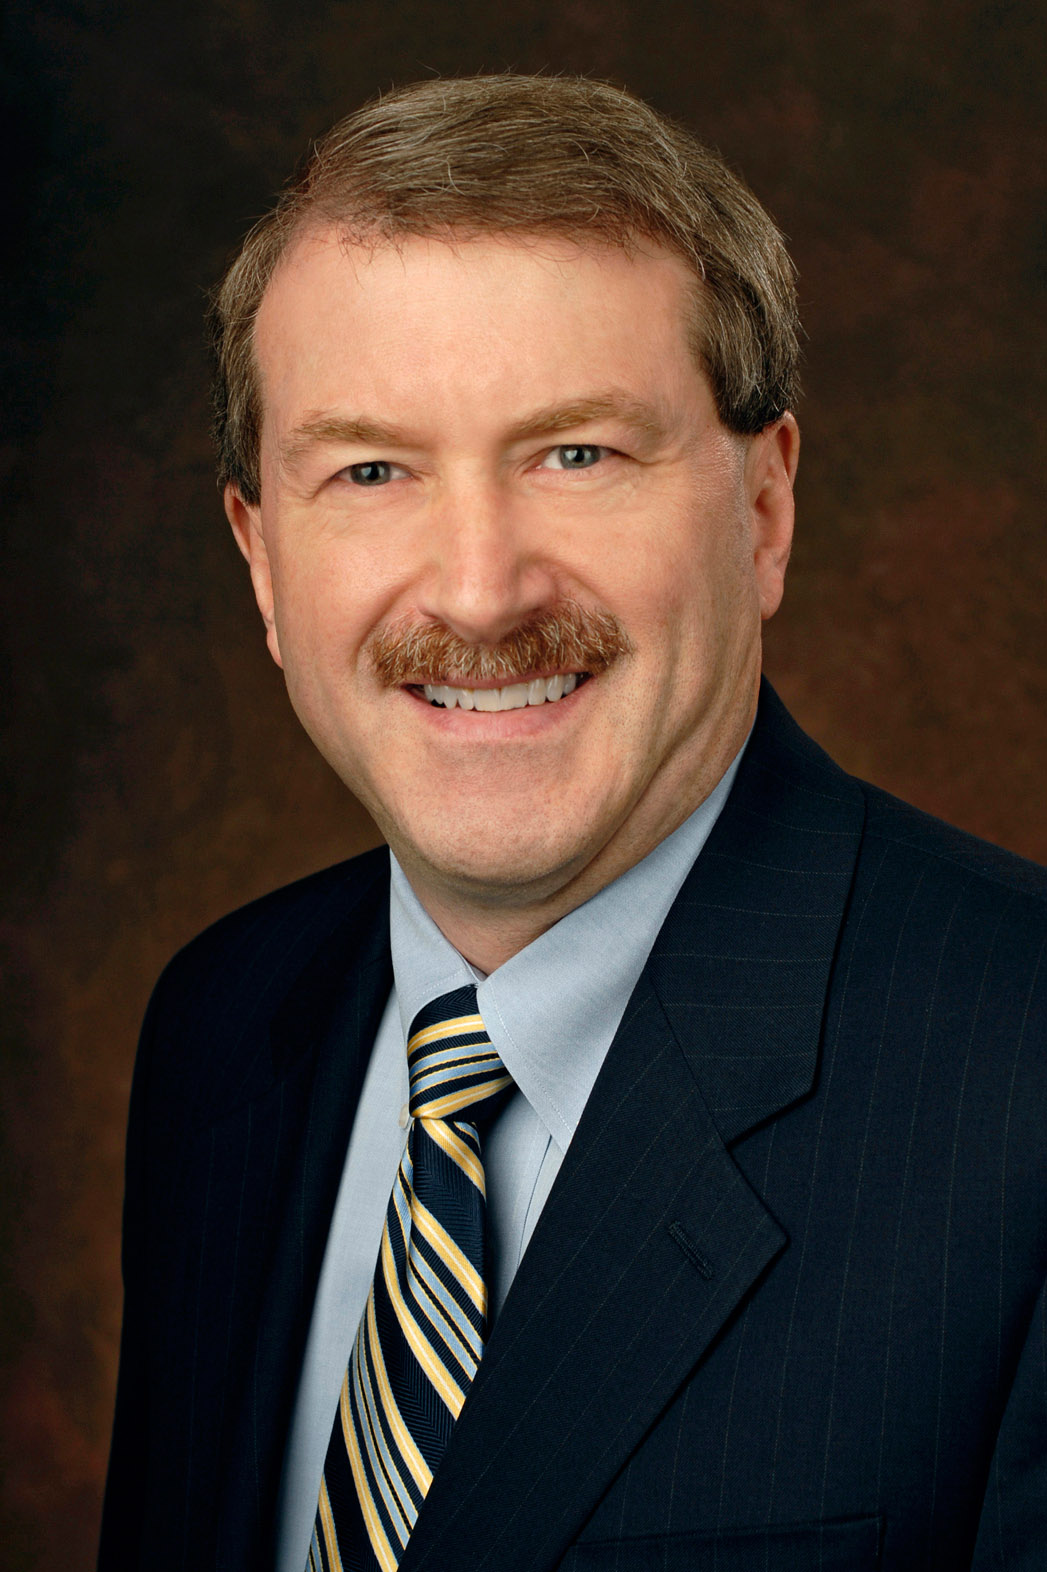 Bob Siedel CBS Headshot - P 2014